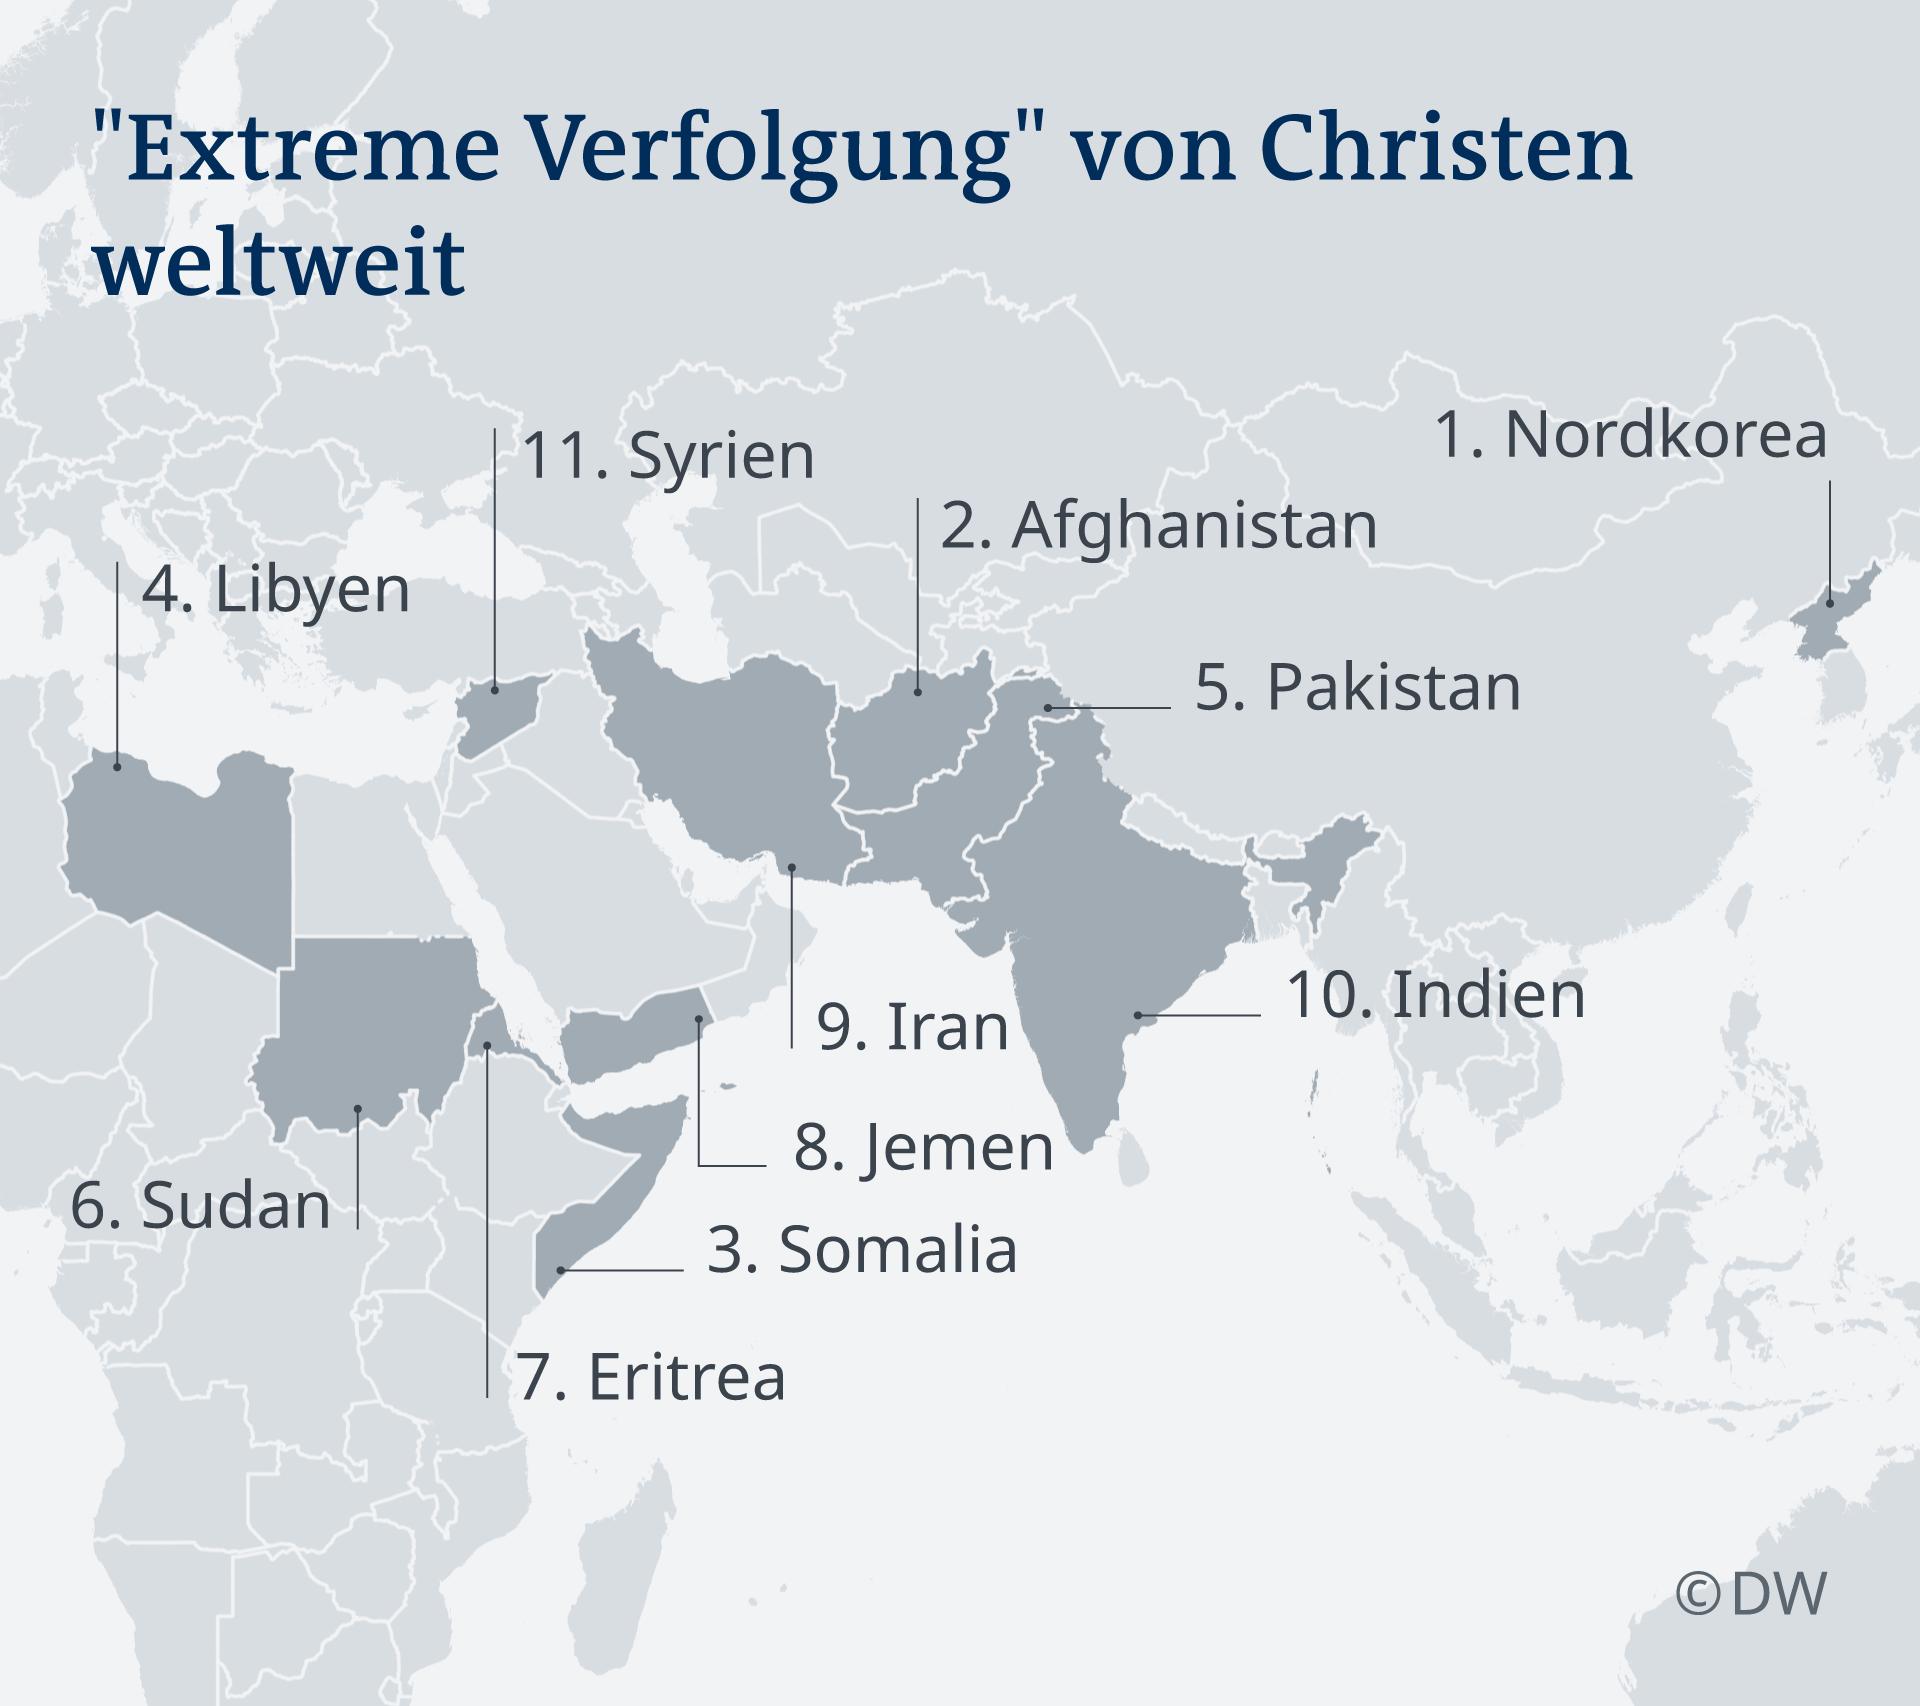 Jedanaest zemalja u kojima se najviše progoni kršćane